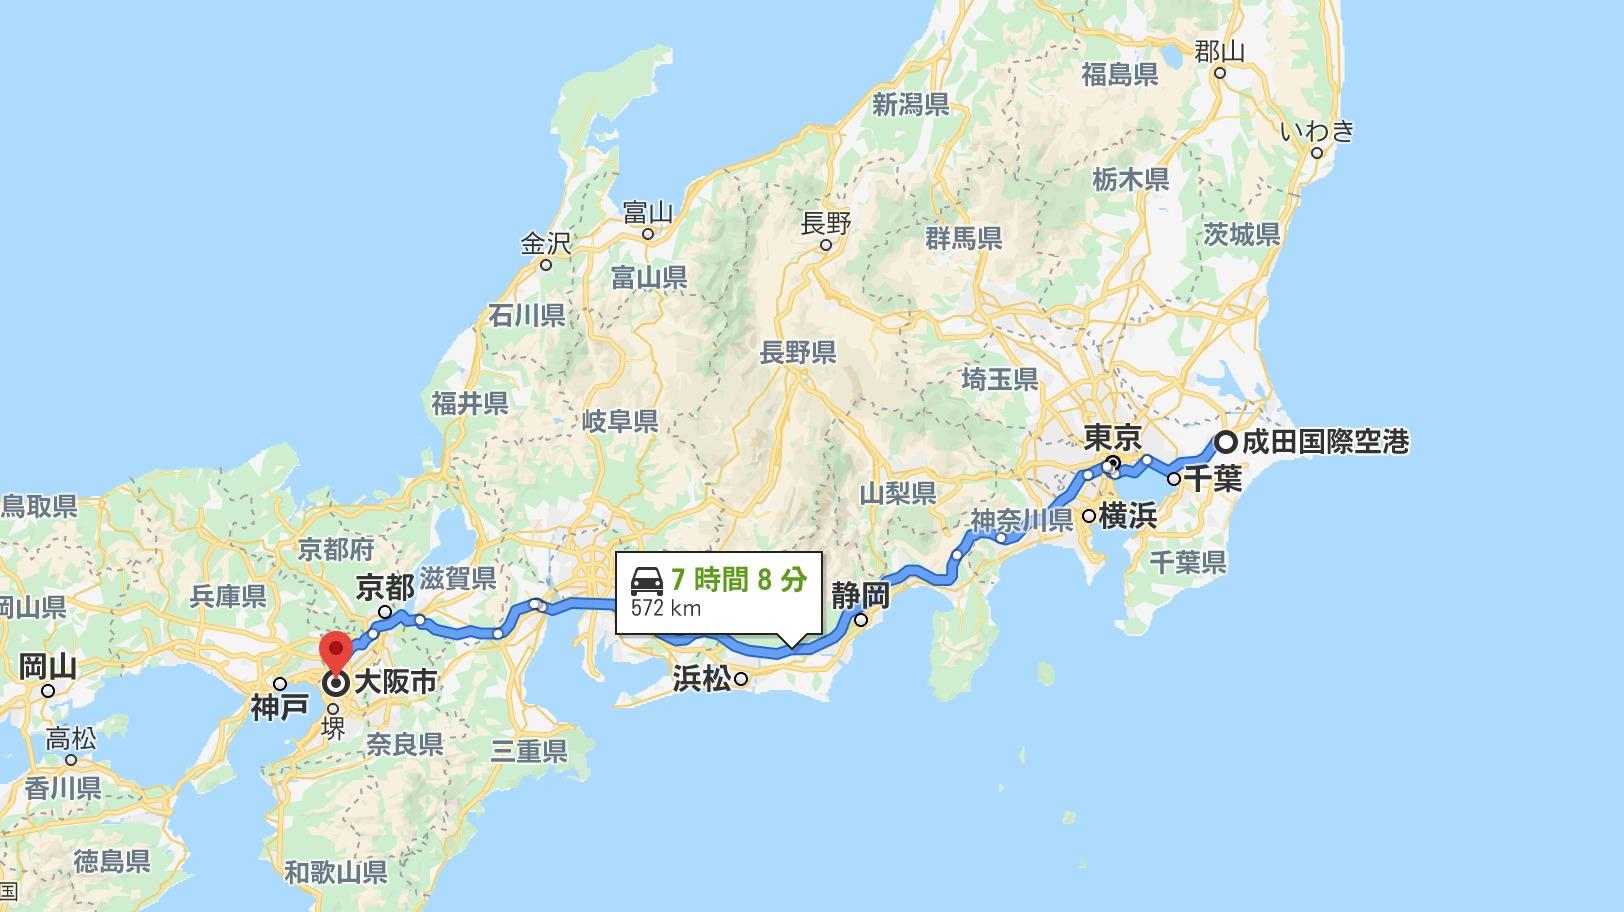 成田空港から大阪への公共交通機関以外の移動手段を比較【帰国者用】